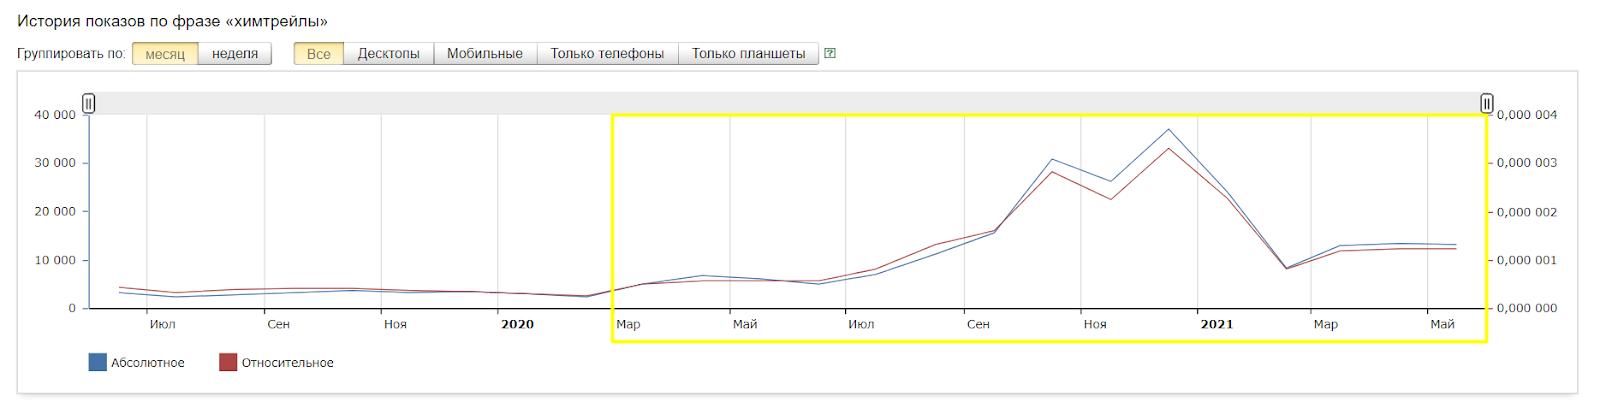 Это история запросов в Яндексе по слову «химтрейлы». На графике видно, что с началом коронавирусной пандемии количество запросов стало расти